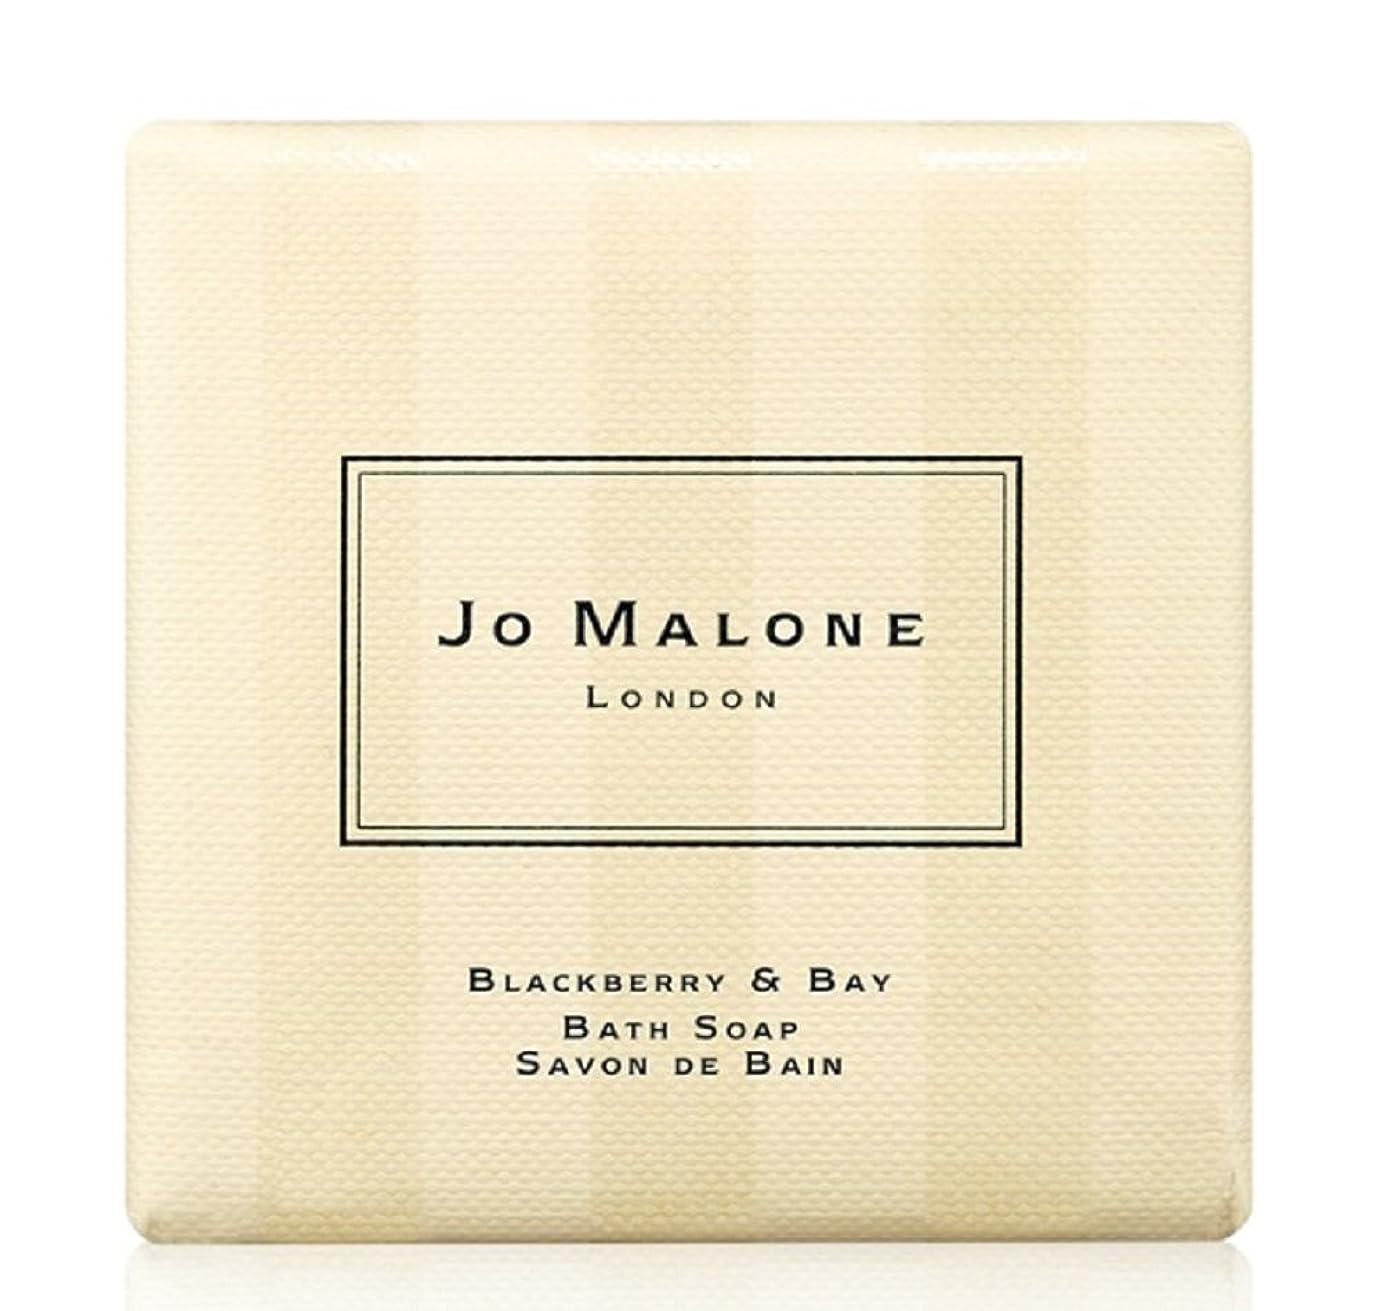 具体的に含める誇大妄想ジョーマローン ブラックベリー&ベイ バス ソープ 石鹸 100 g